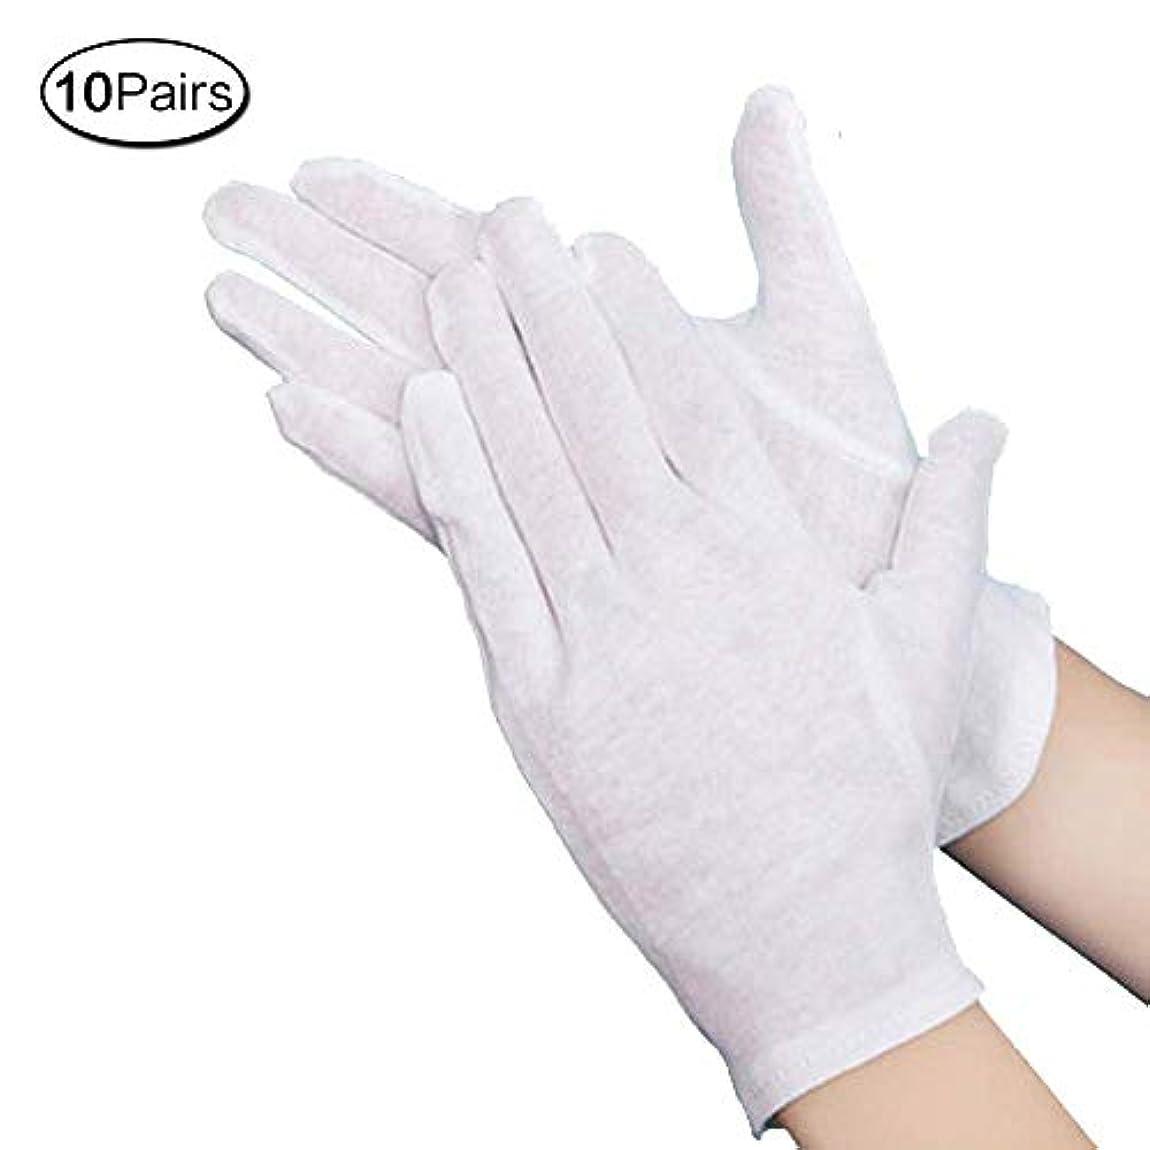 動詞枯れる発行綿手袋 純綿100% 通気性 コットン手袋 10双組 M